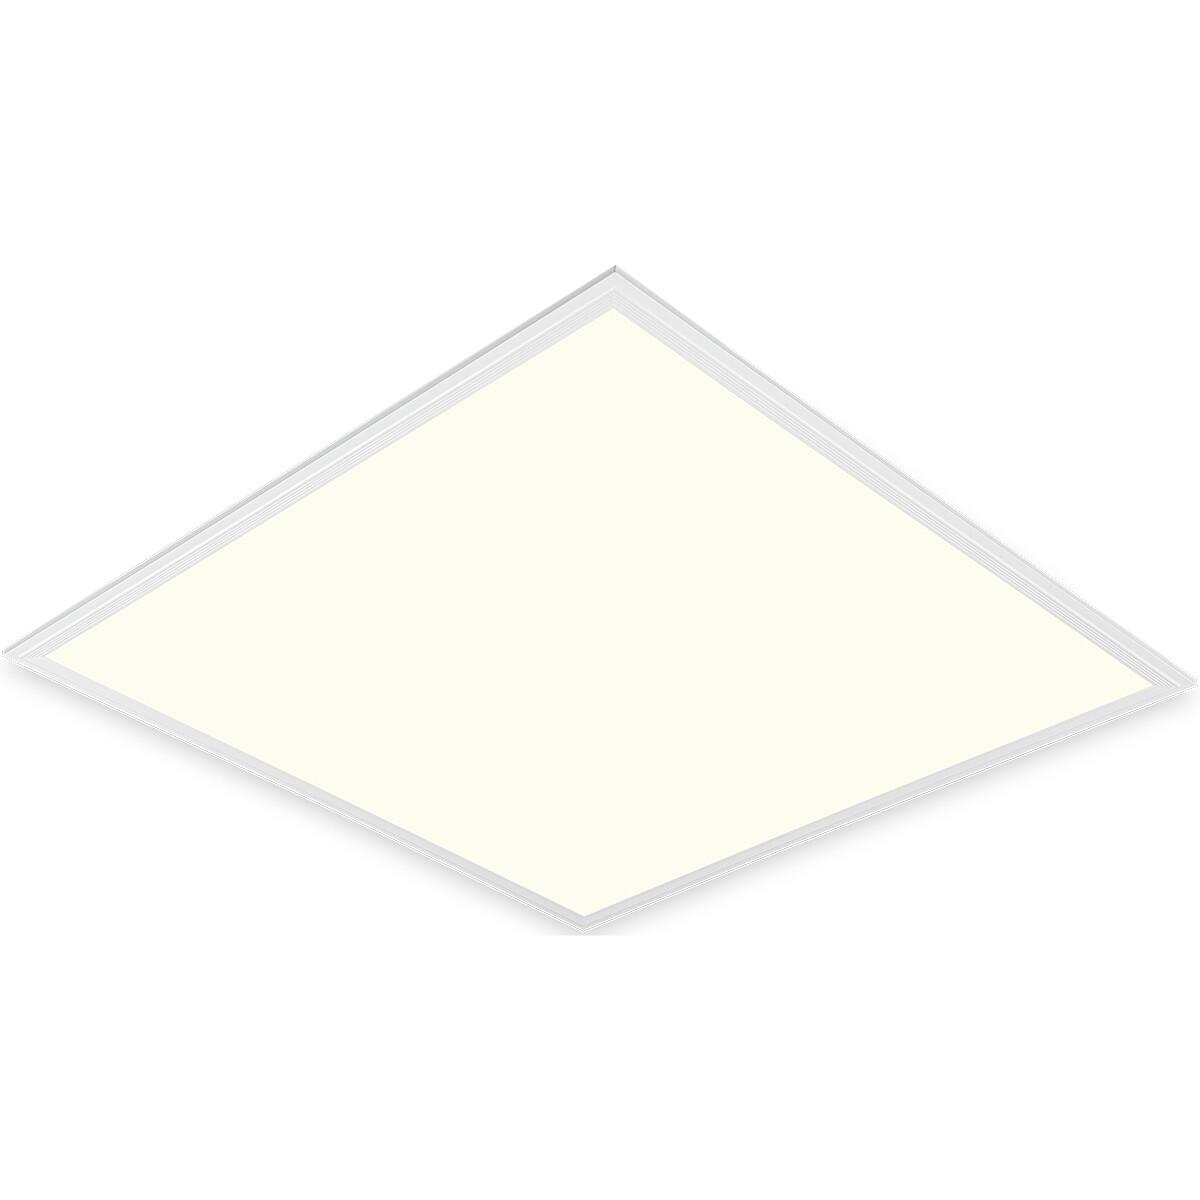 LED Paneel - Aigi Clena - 60x60 Natuurlijk Wit 4000K - 40W Inbouw Vierkant - Mat Wit - Flikkervrij